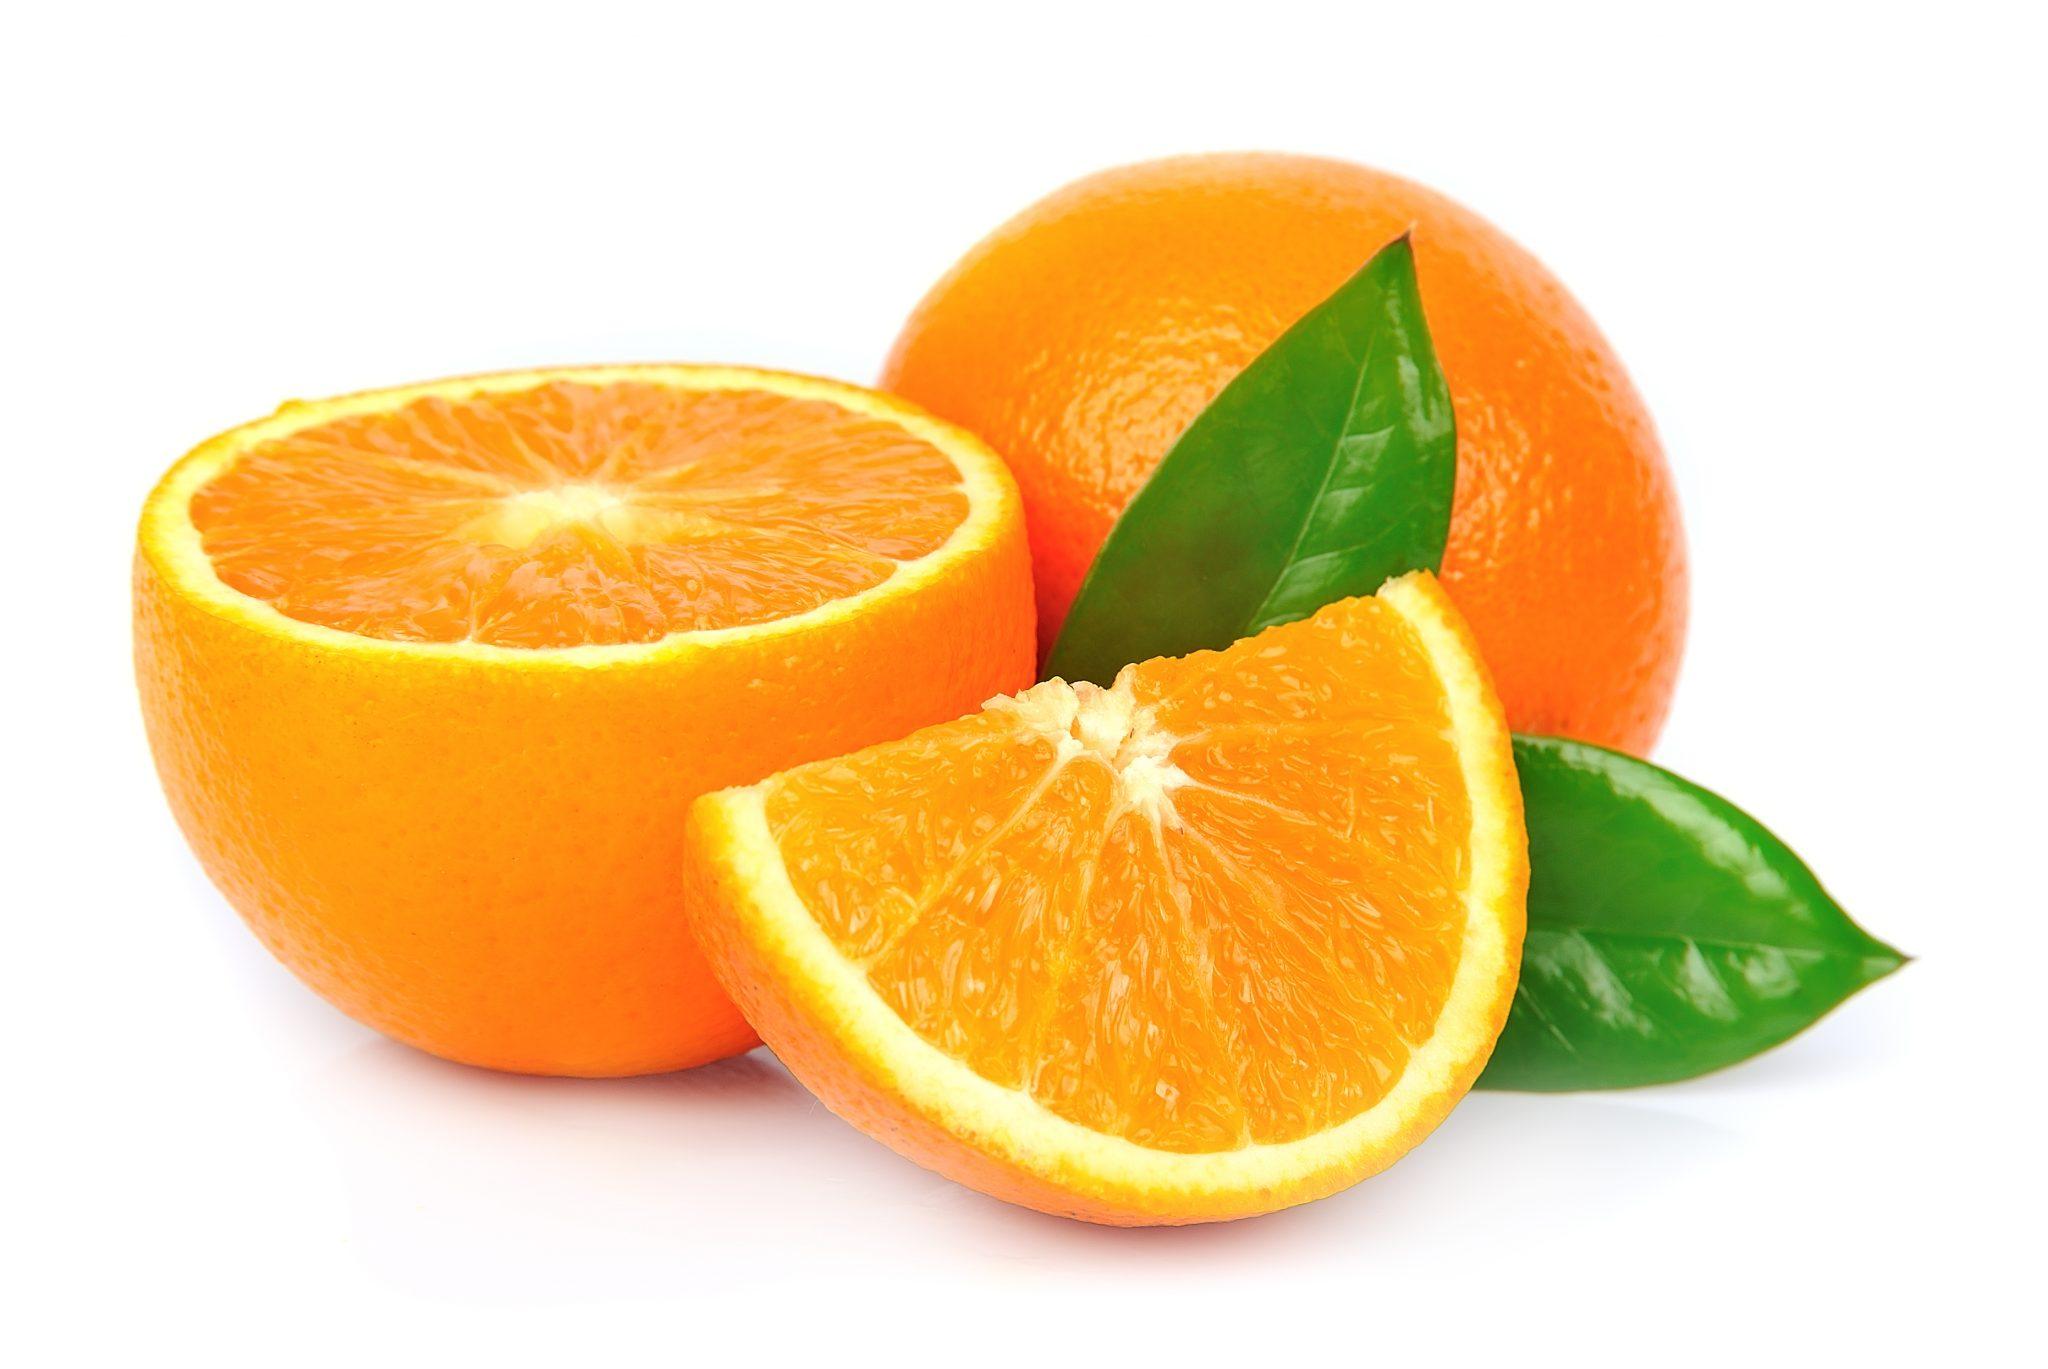 frutto-arancia